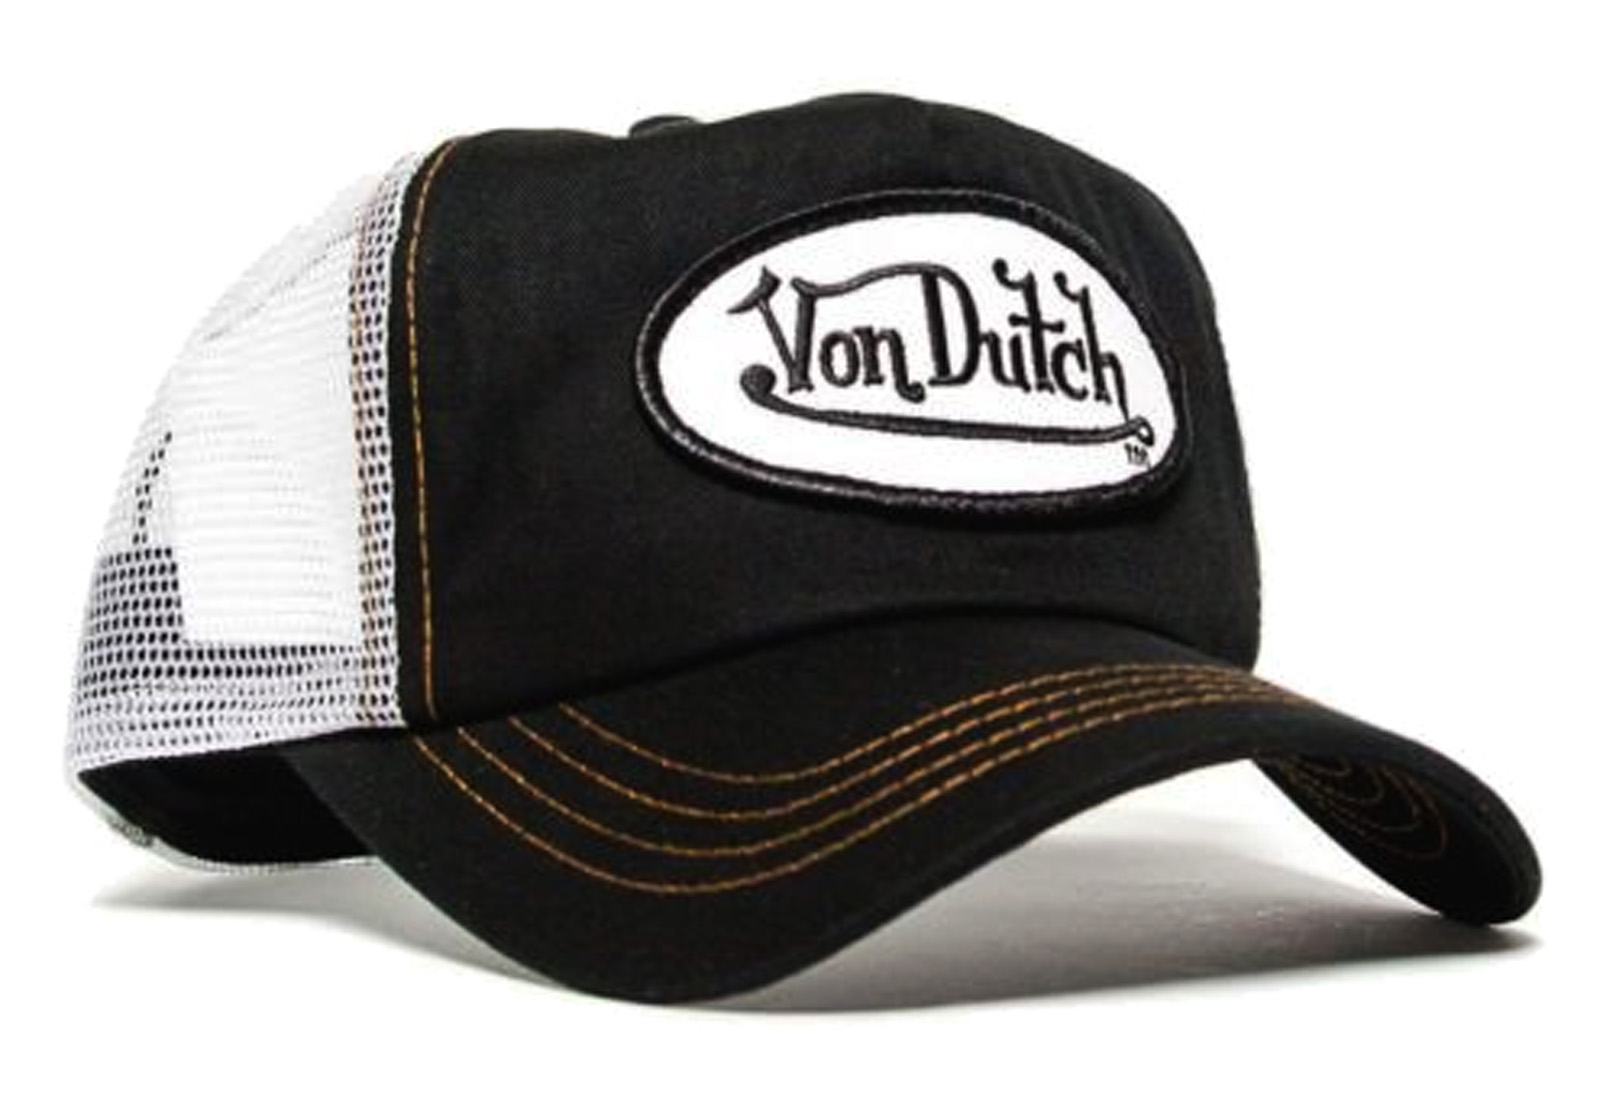 Da van Dutch Mesh Trucker base Cap Berretto Basecap Cappuccio Cappello Classic rosa//Brown